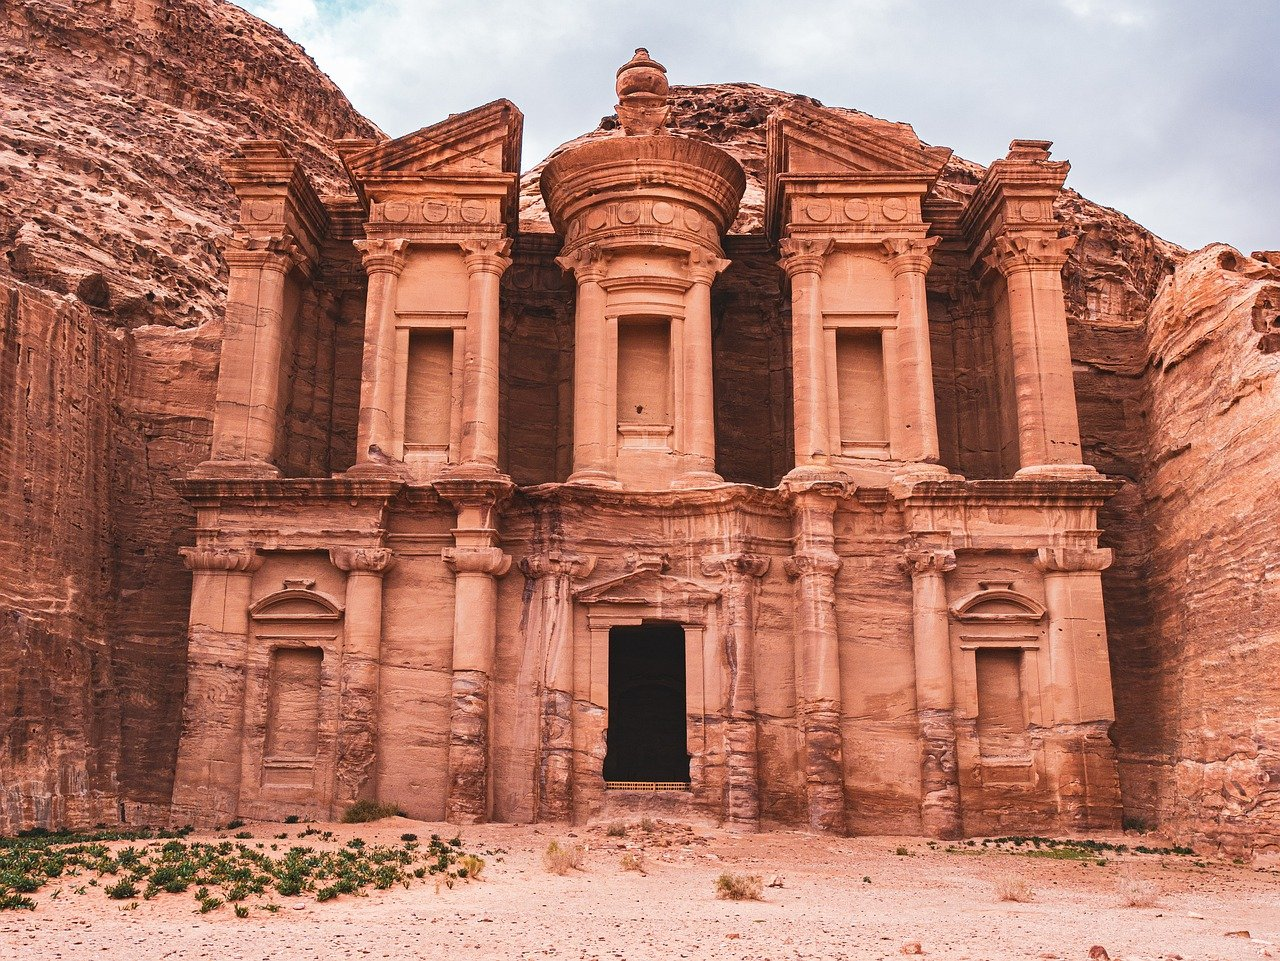 Petra (Rose City), Jordan